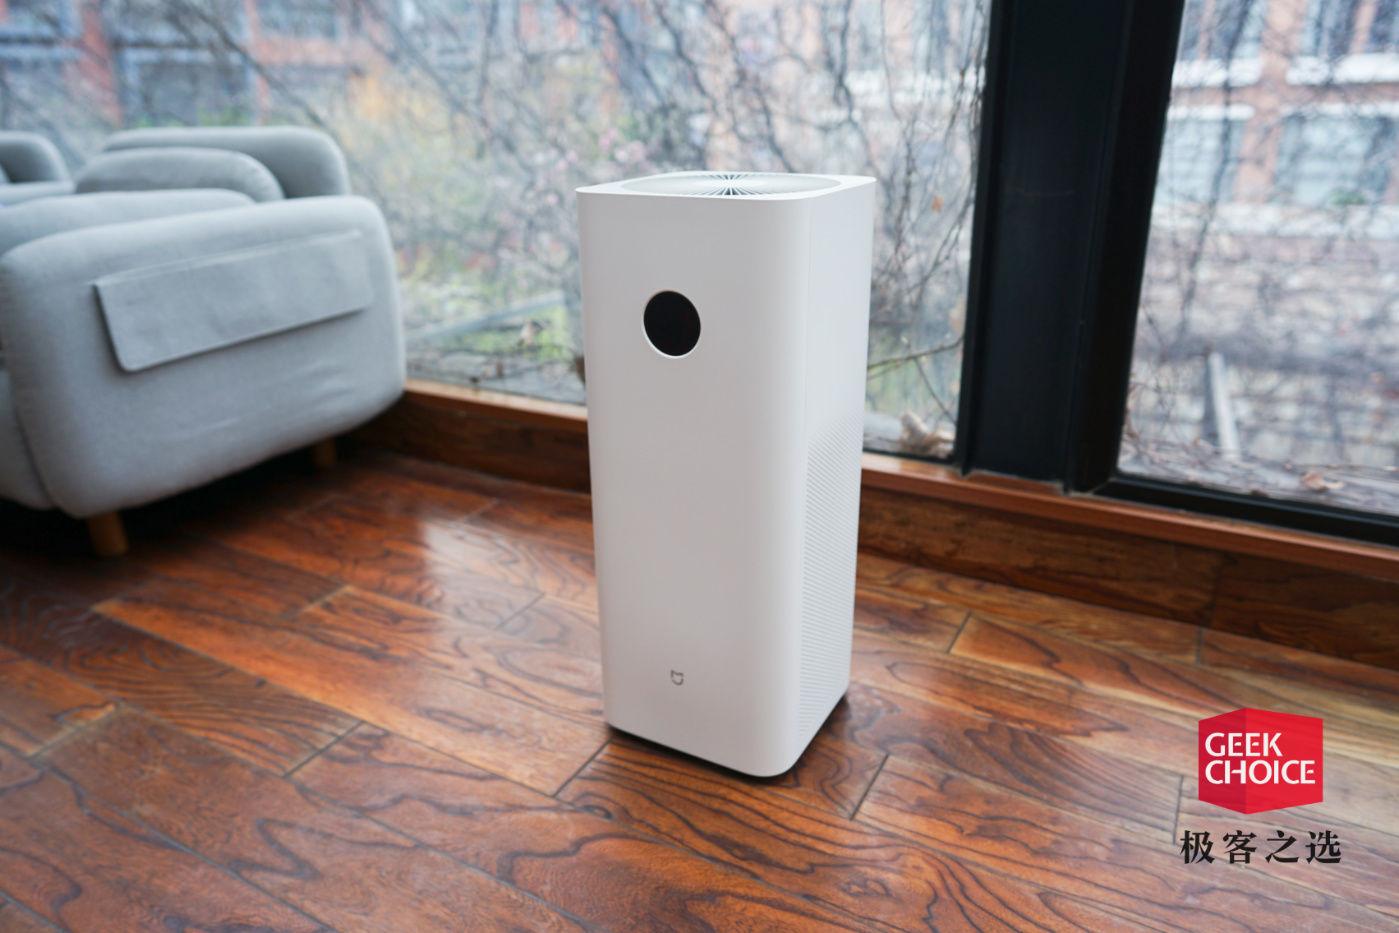 米家空气净化器 F1:售价 1199 元,这台净化器可以帮你除甲醛和细菌